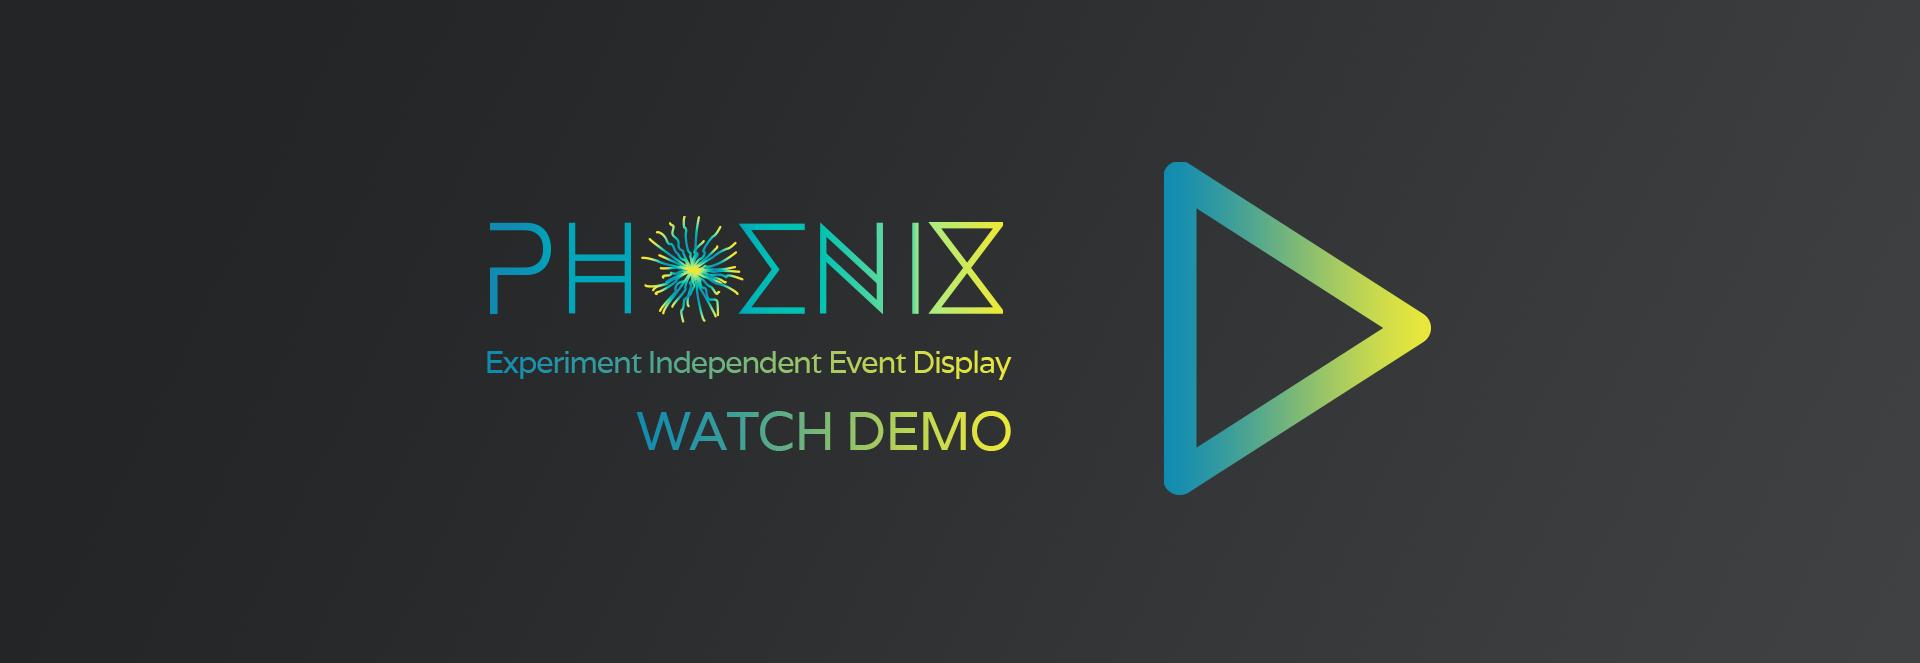 Phoenix demo